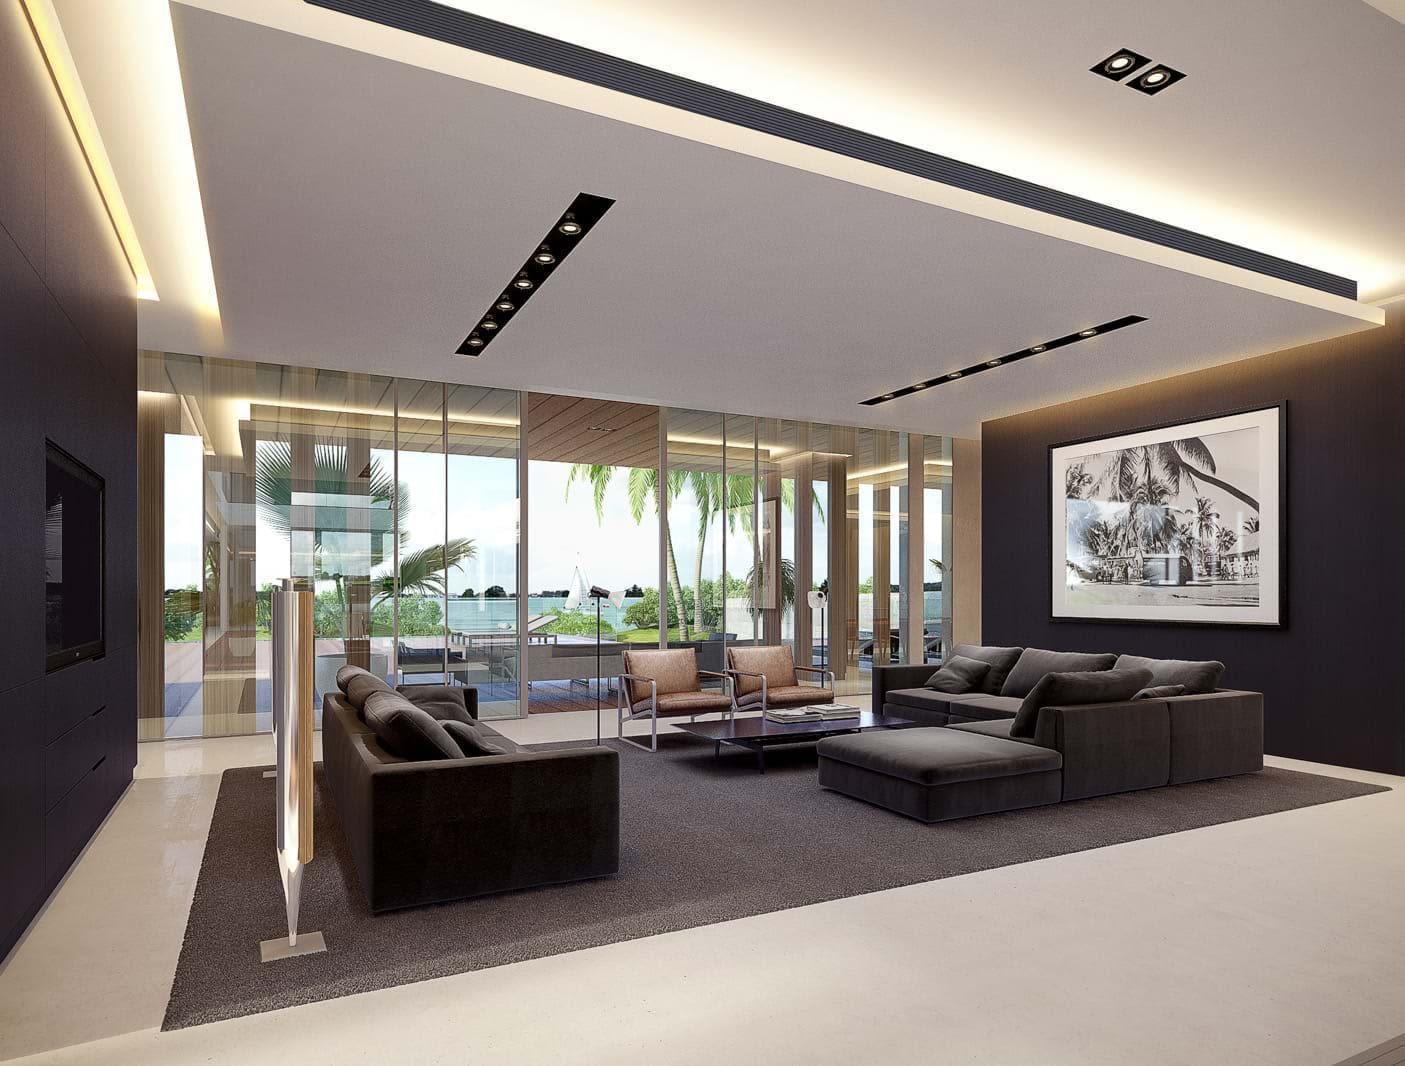 les demeures living room